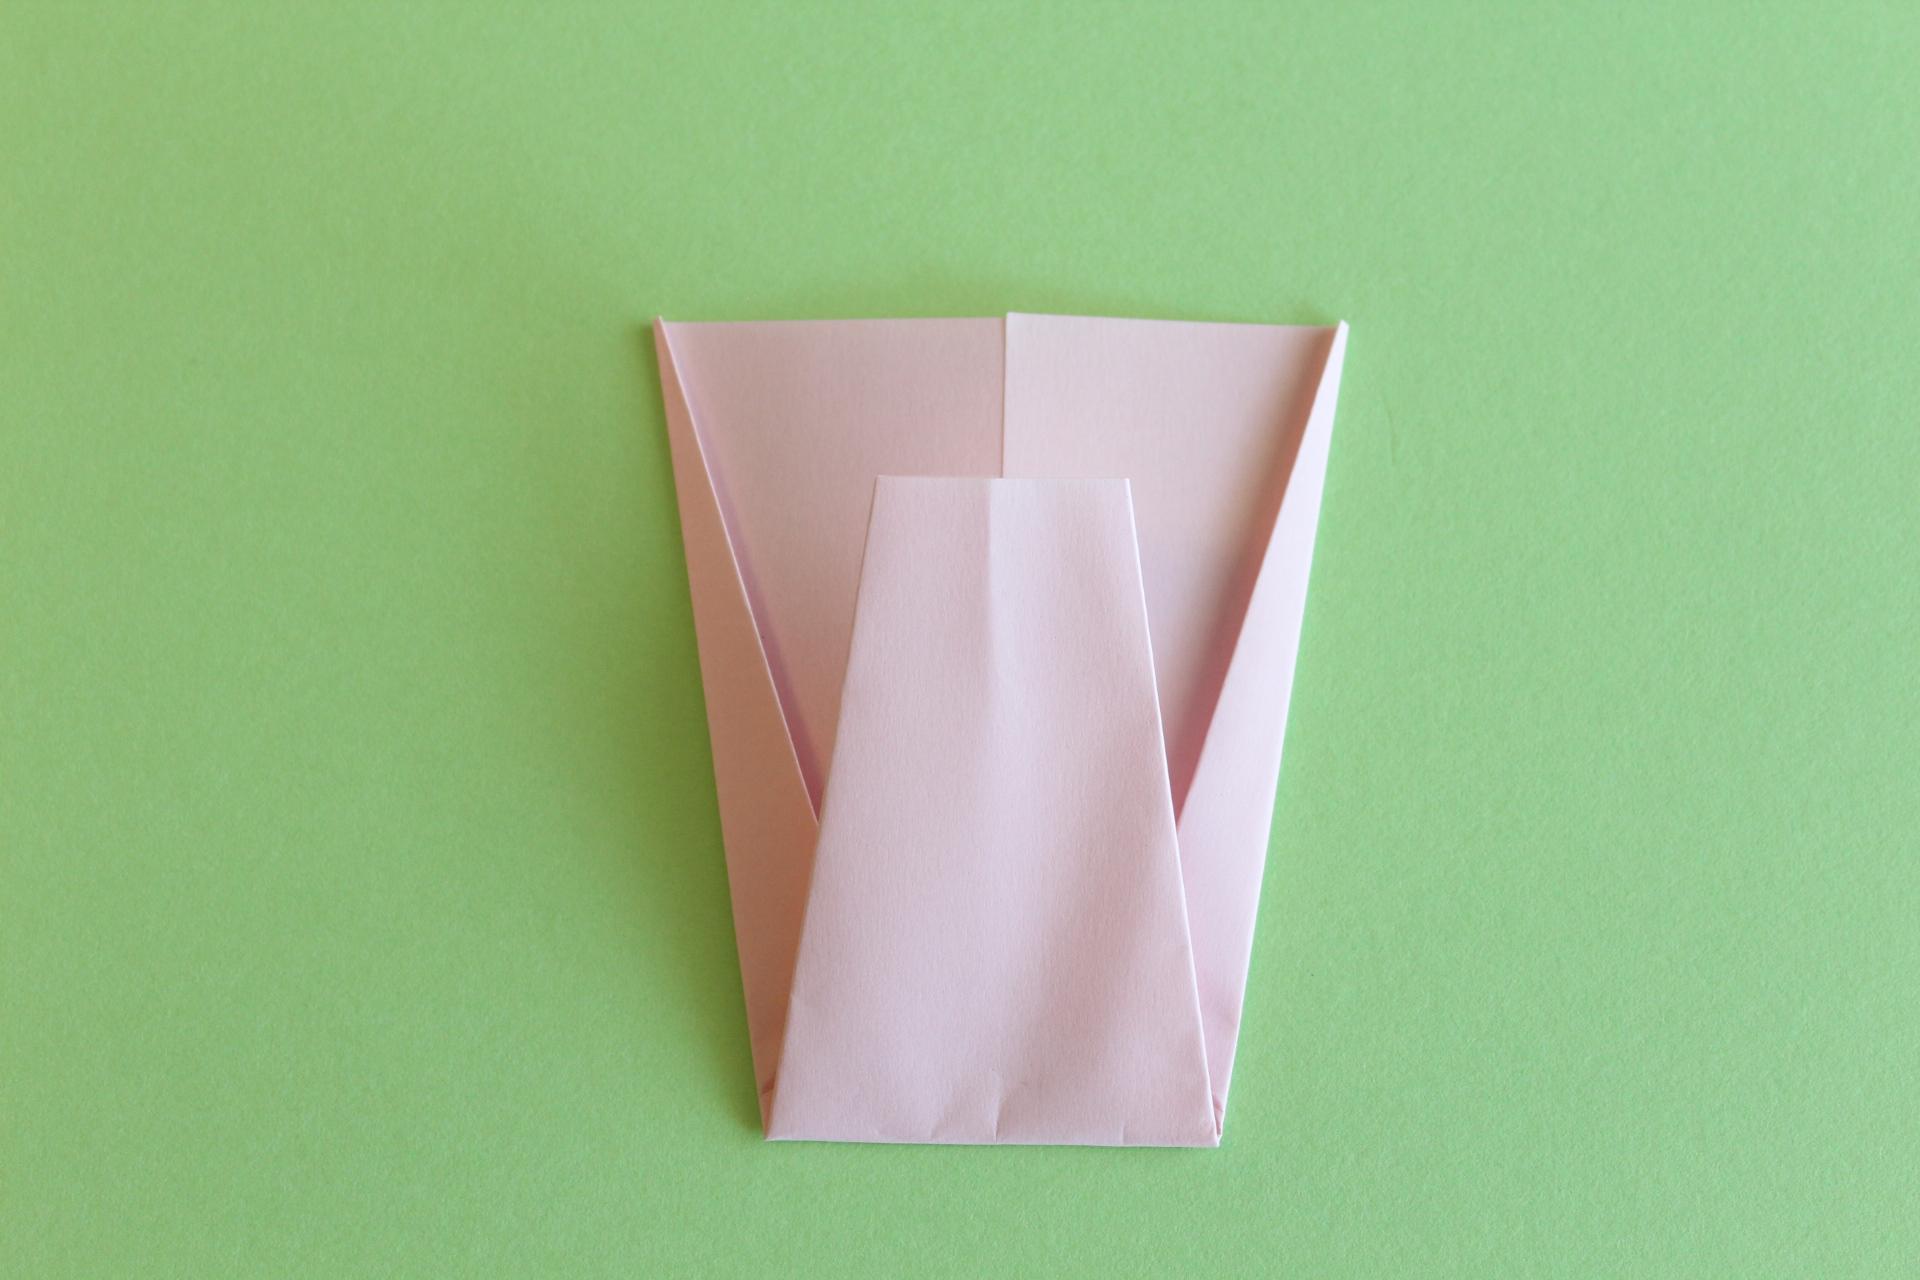 羽子板の折り方3